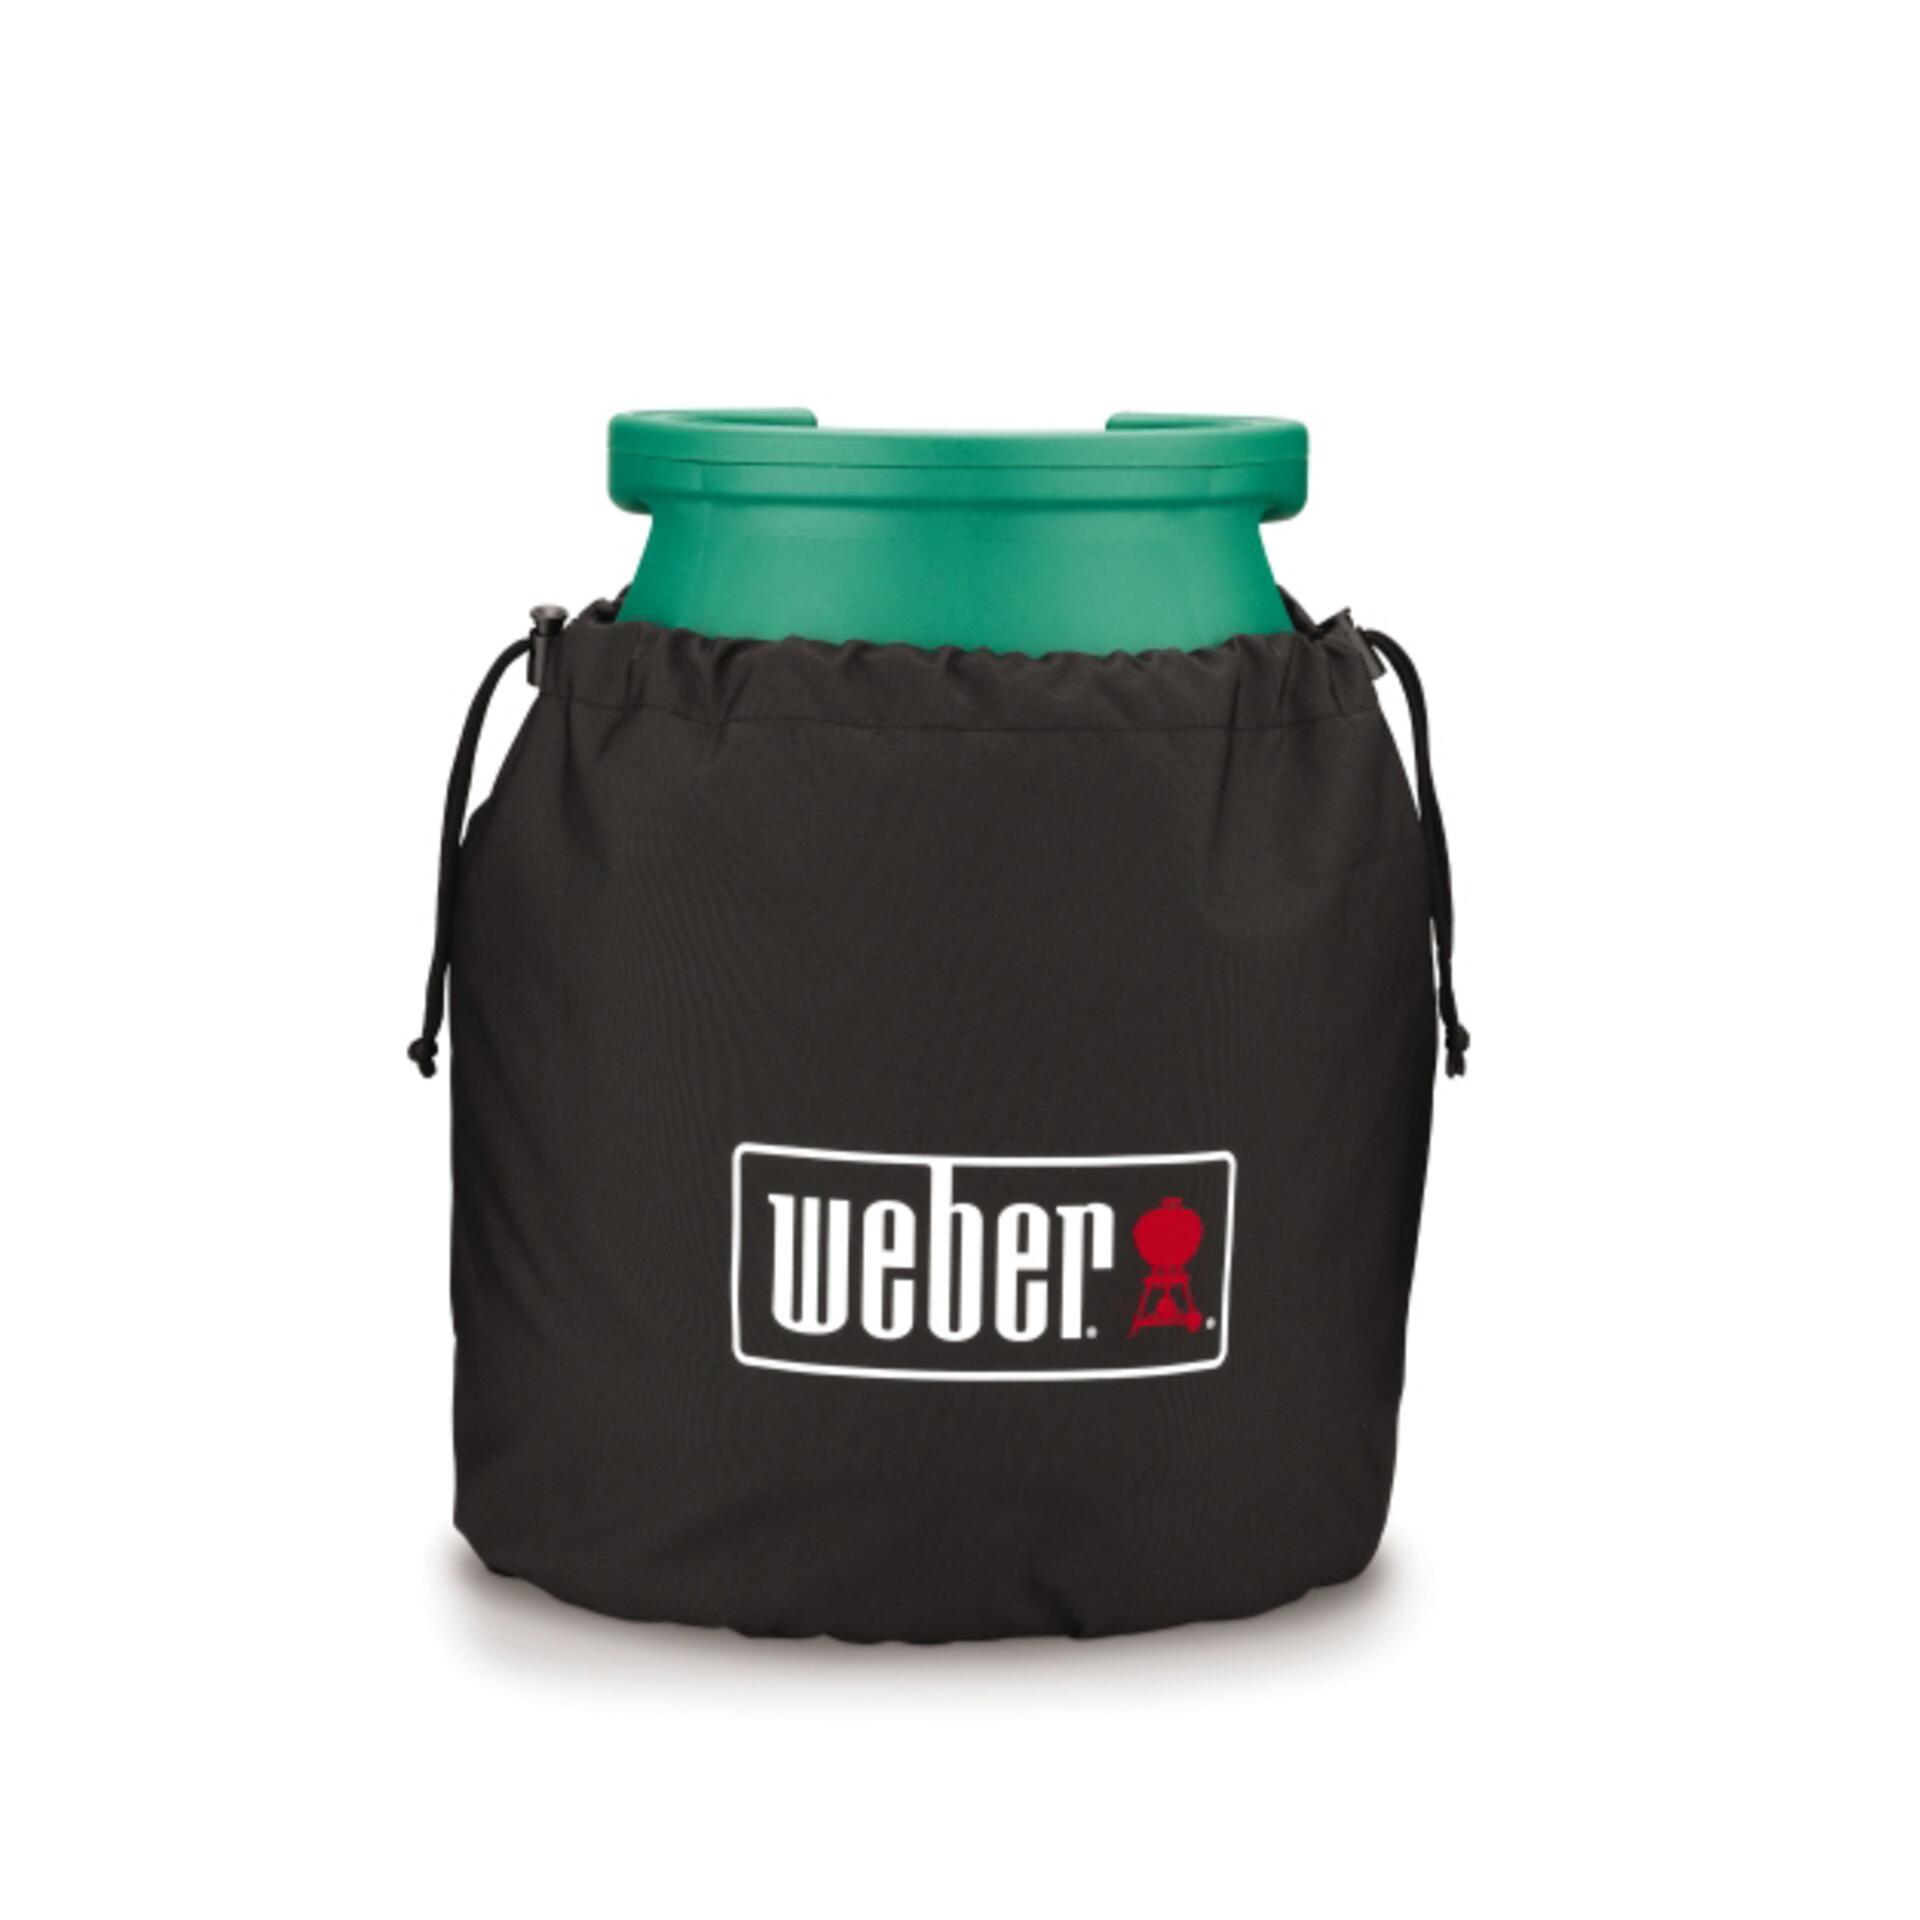 Weber Gasflaschenschutzhülle (für 5 Kg Flasche) 7125